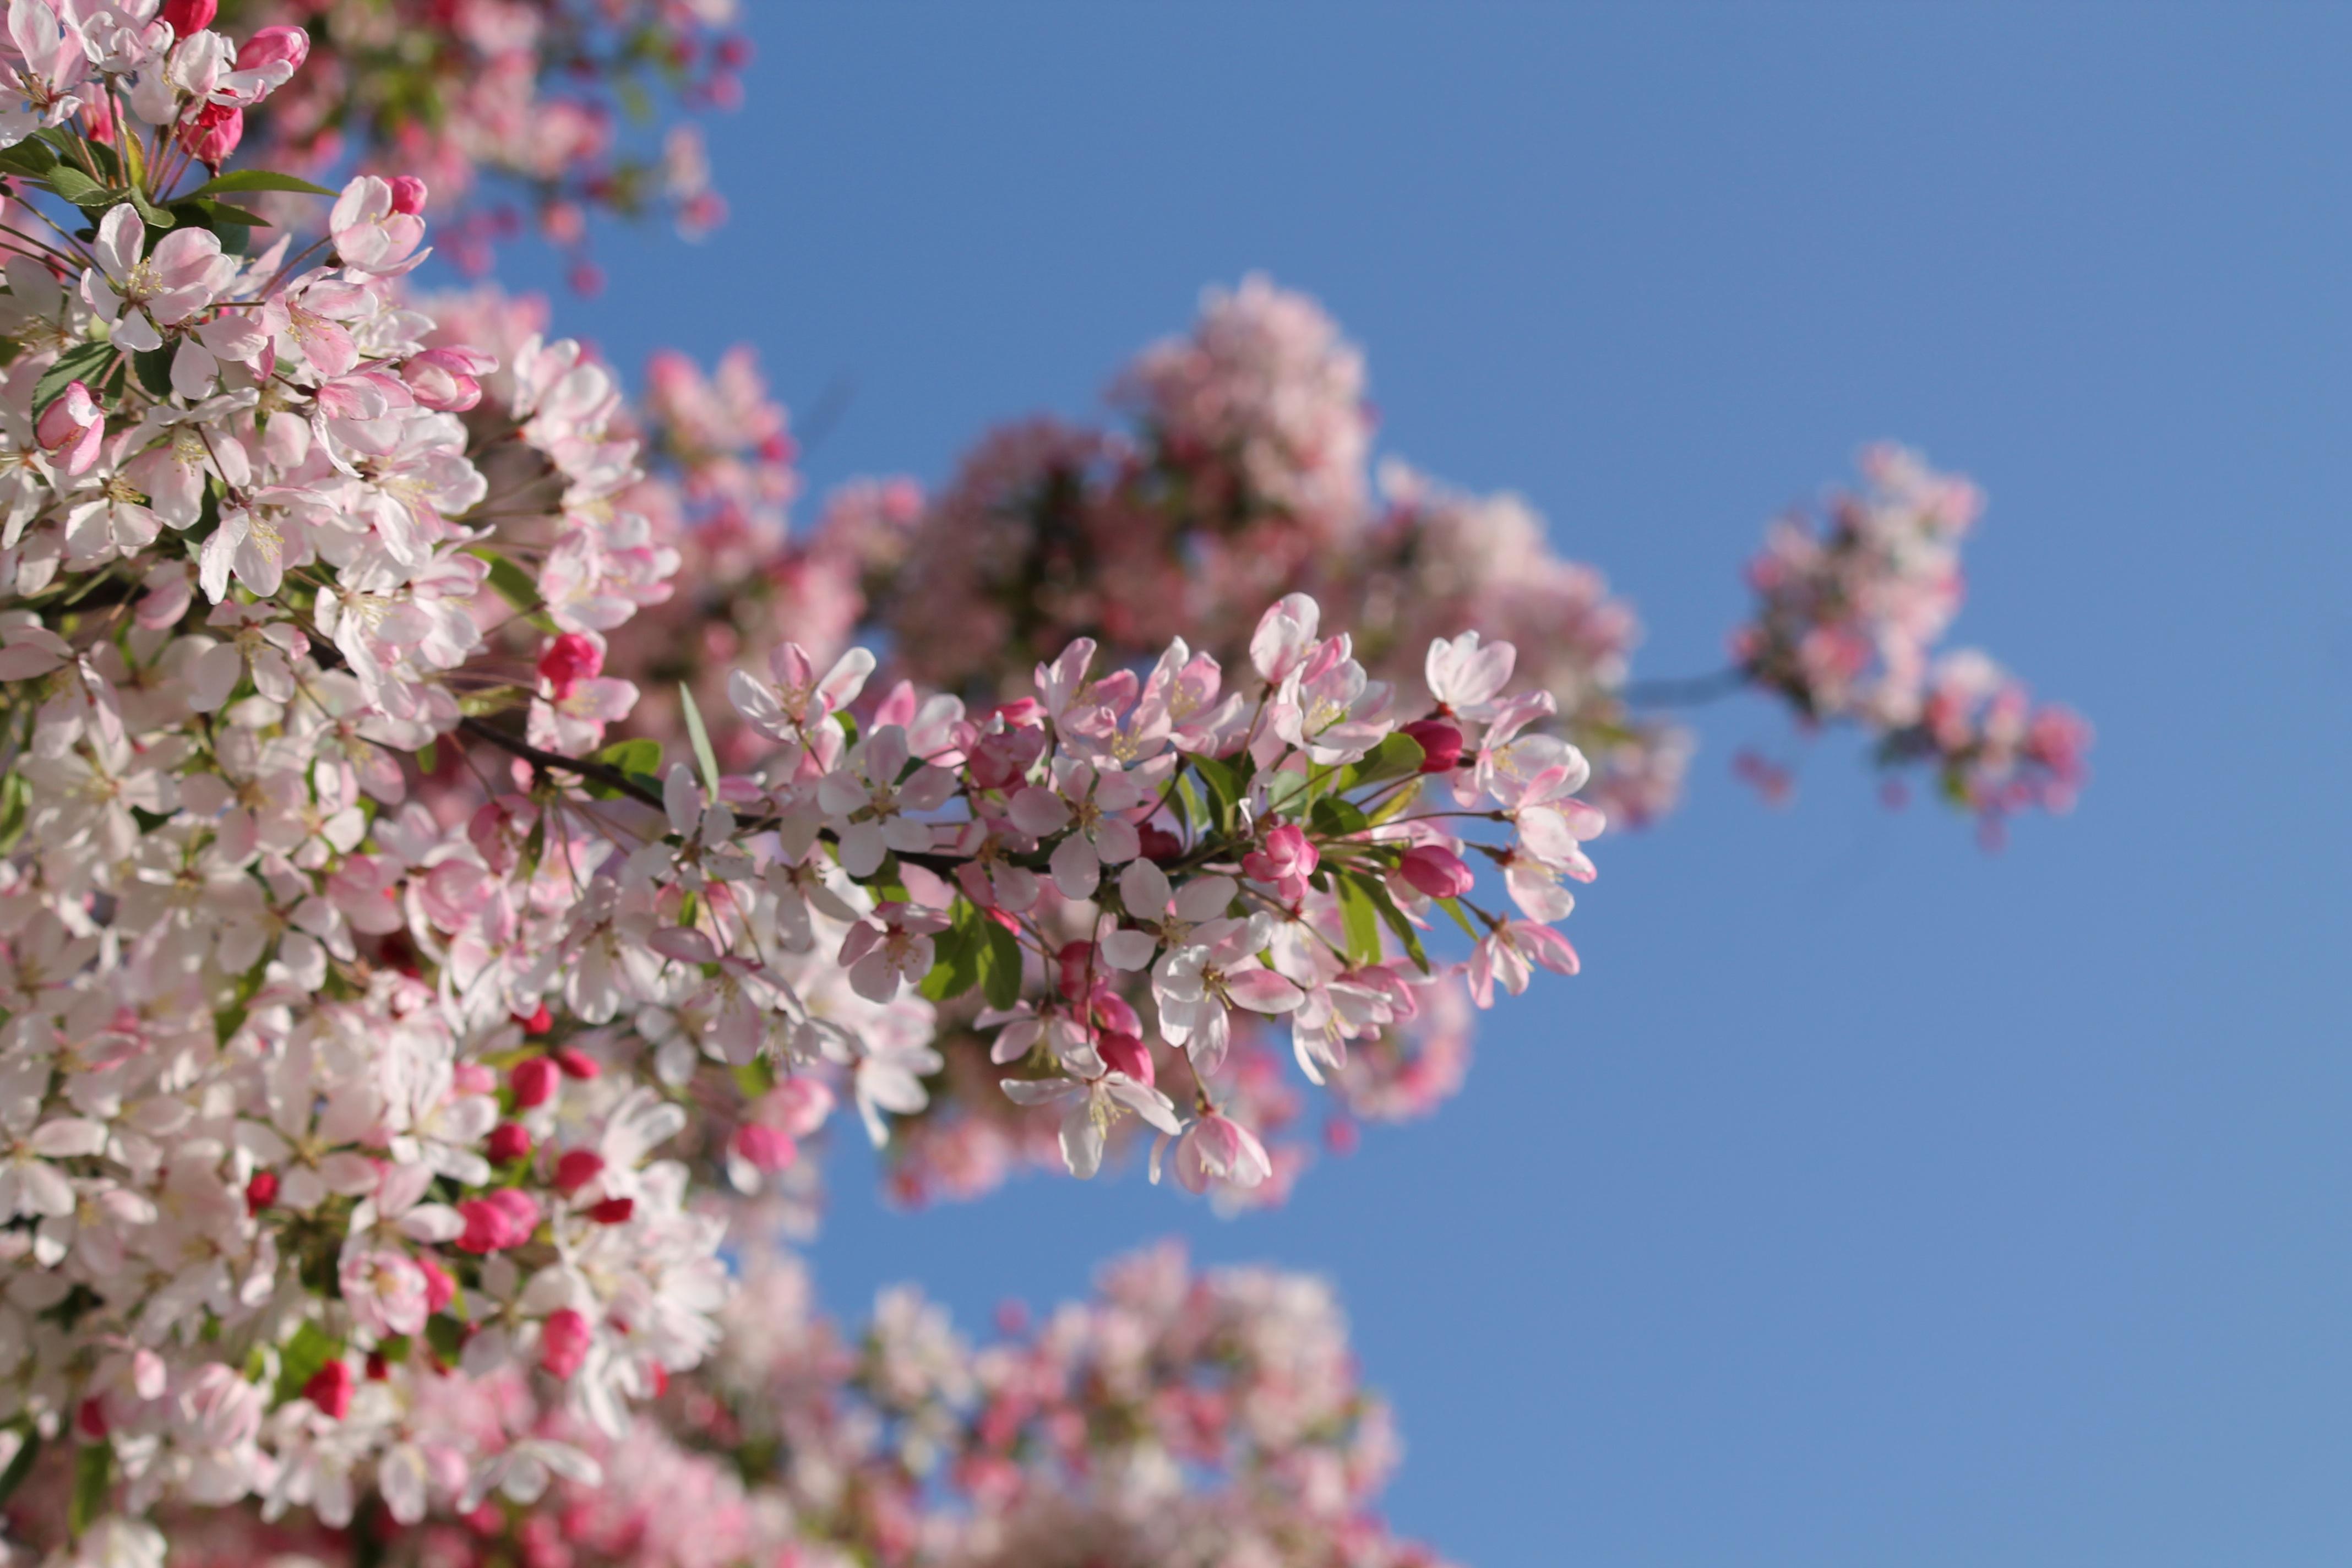 Gambar Pohon Cabang Mekar Menanam Putih Sinar Matahari Daun Bunga Berkembang Musim Panas Musim Semi Menghasilkan Berwarna Merah Muda Flora Bunga Sakura Langit Biru Estetis Belukar Berawan 4272x2848 734479 Galeri Foto Pxhere